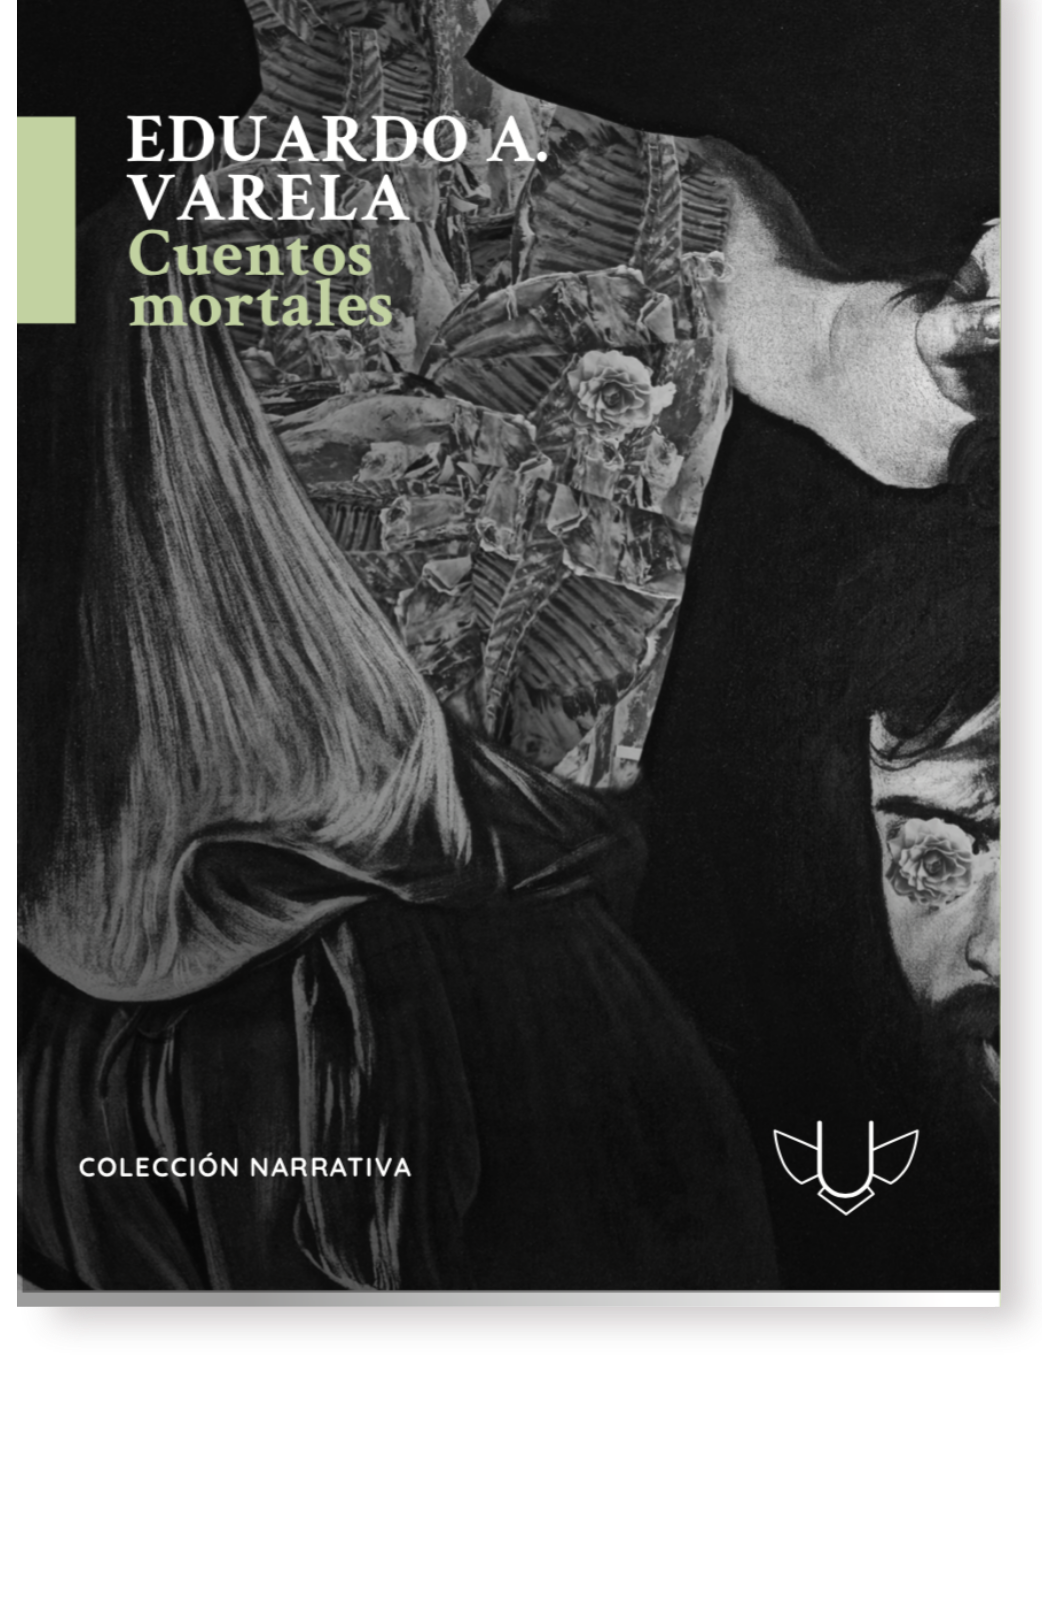 eduardo a varela - cuentos mortales - u ediciones.png